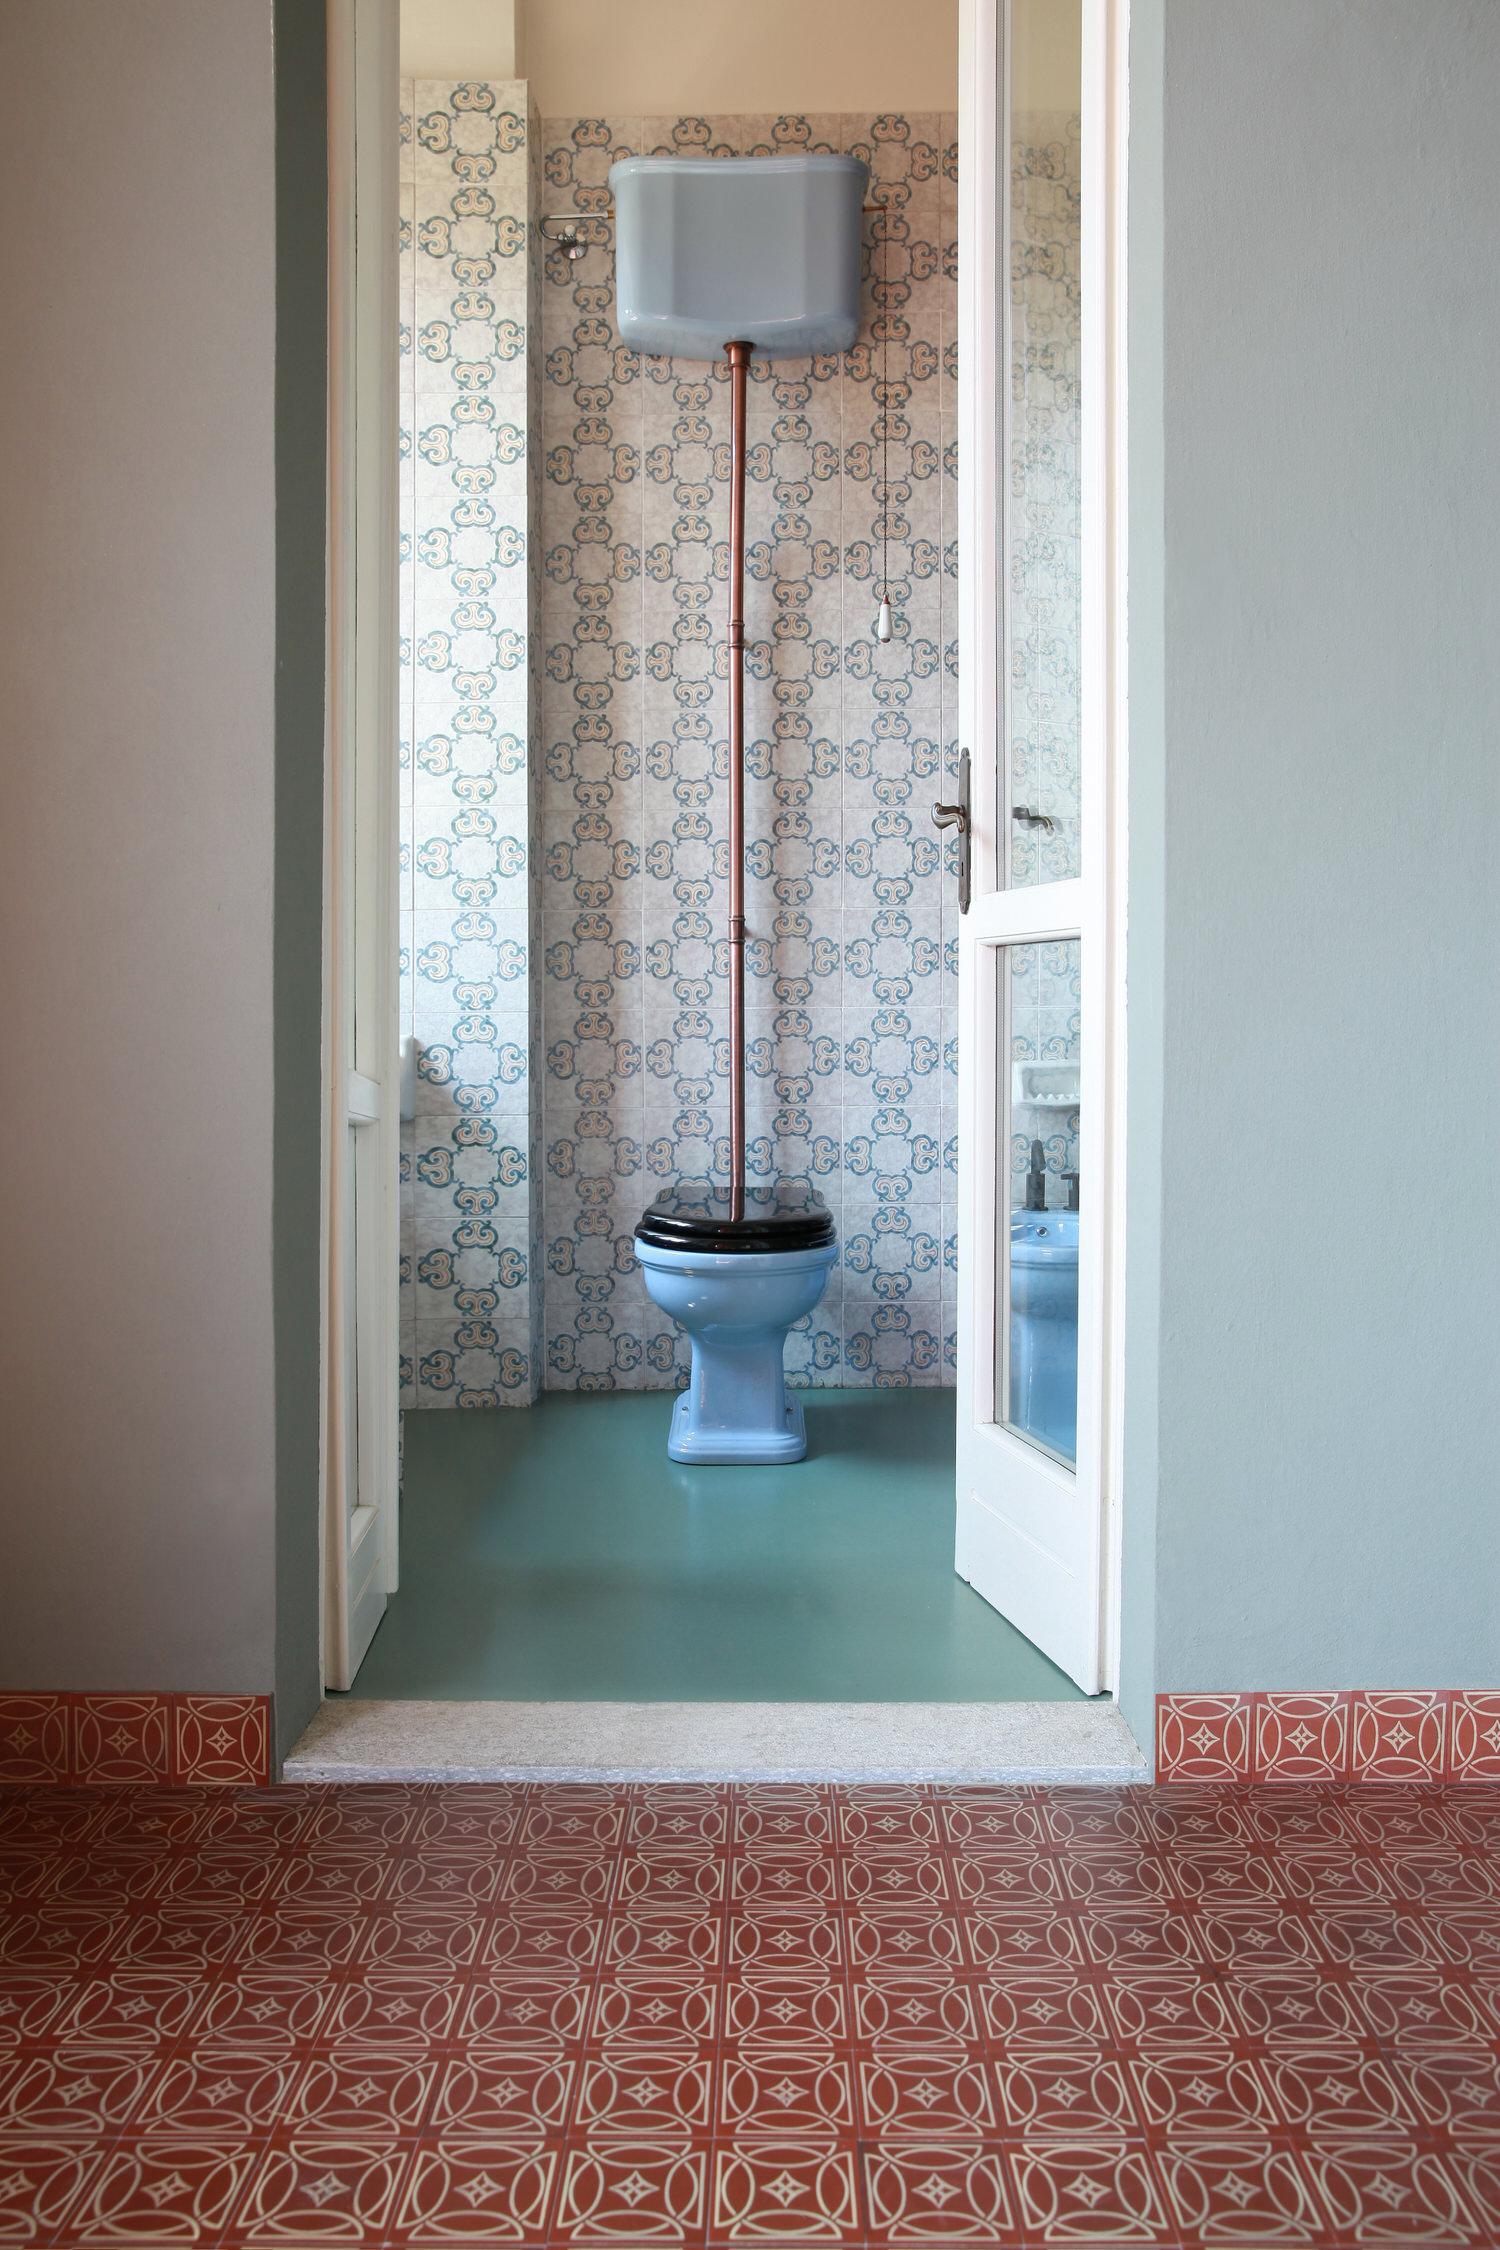 Marcante Testa Private House Renovation Cavallermaggiore Photo Carola Ripamonti Yellowtrace 16